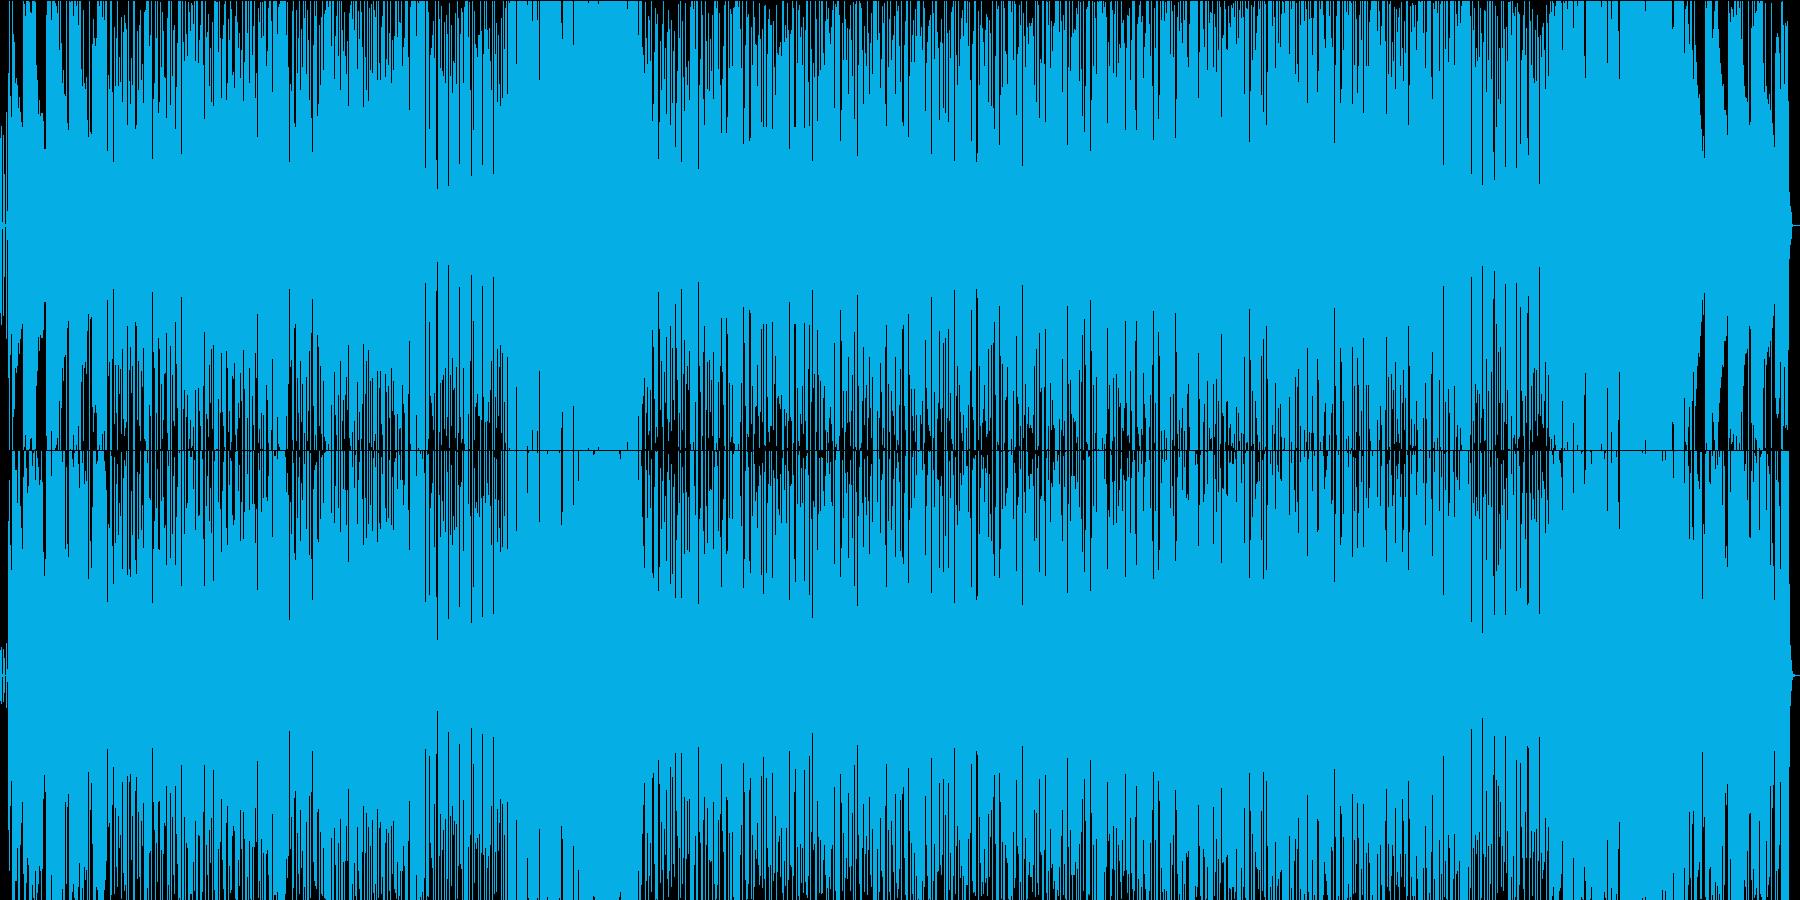 生サックス 緩く楽しい1コードファンクの再生済みの波形